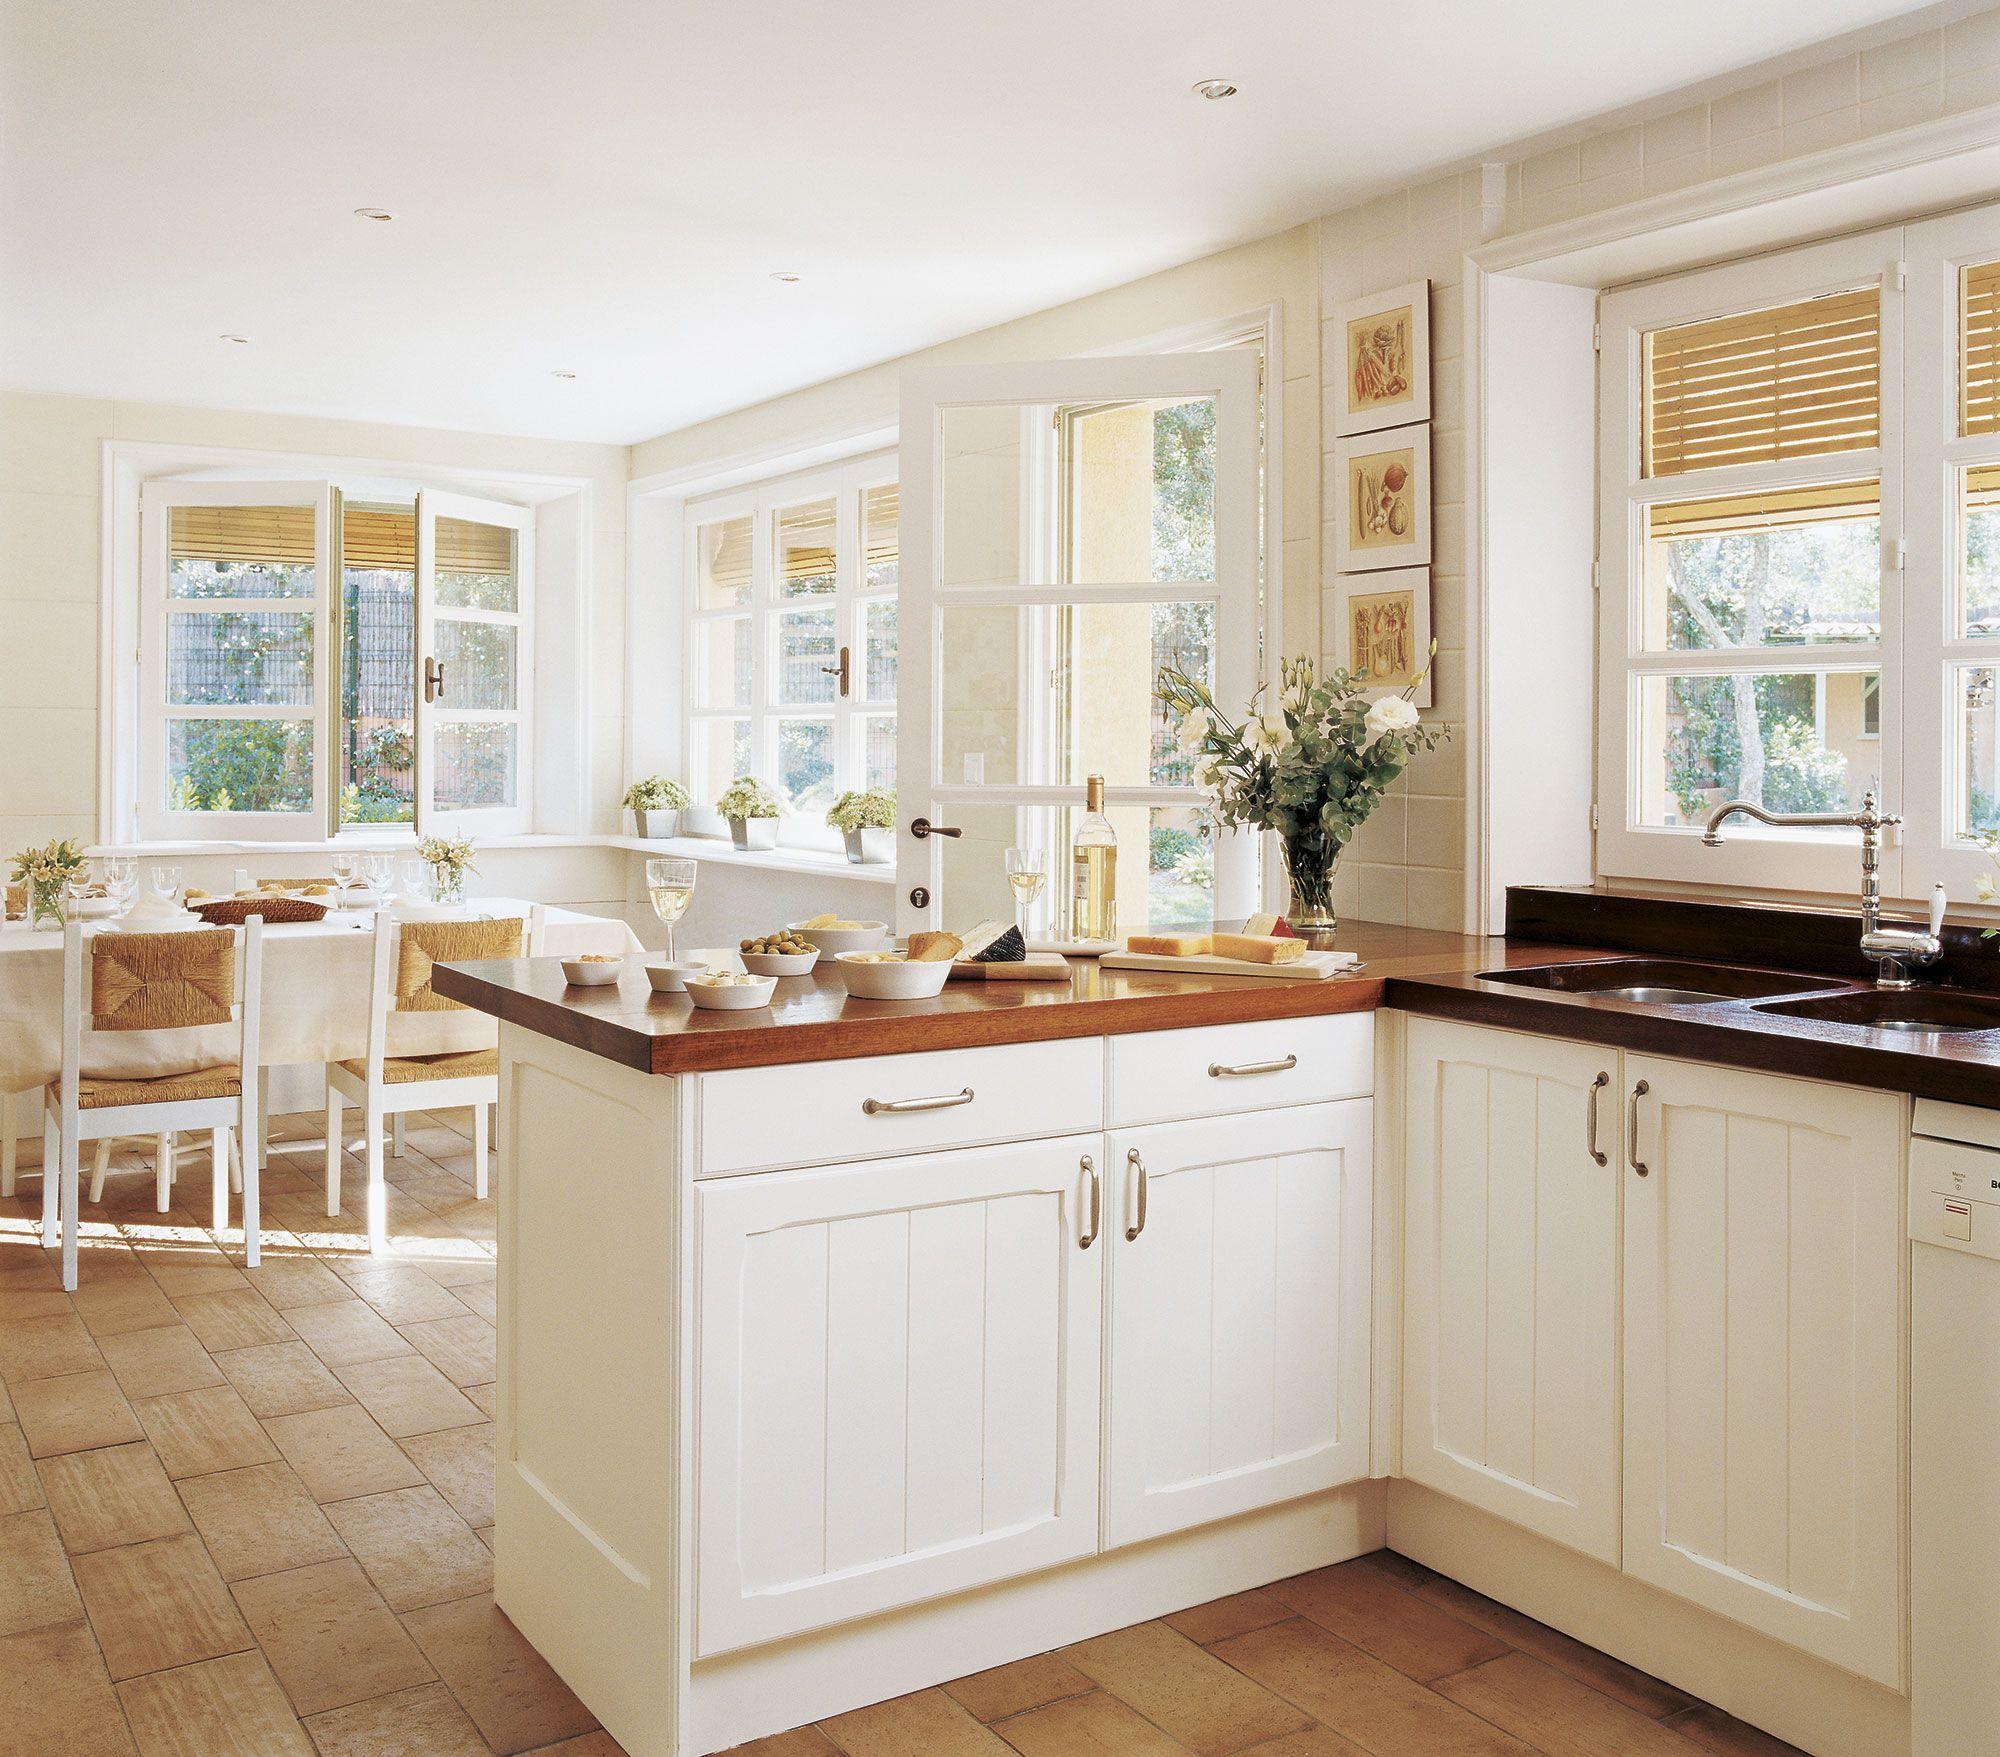 Cocina con península con encimera de madera y office al fondo ...